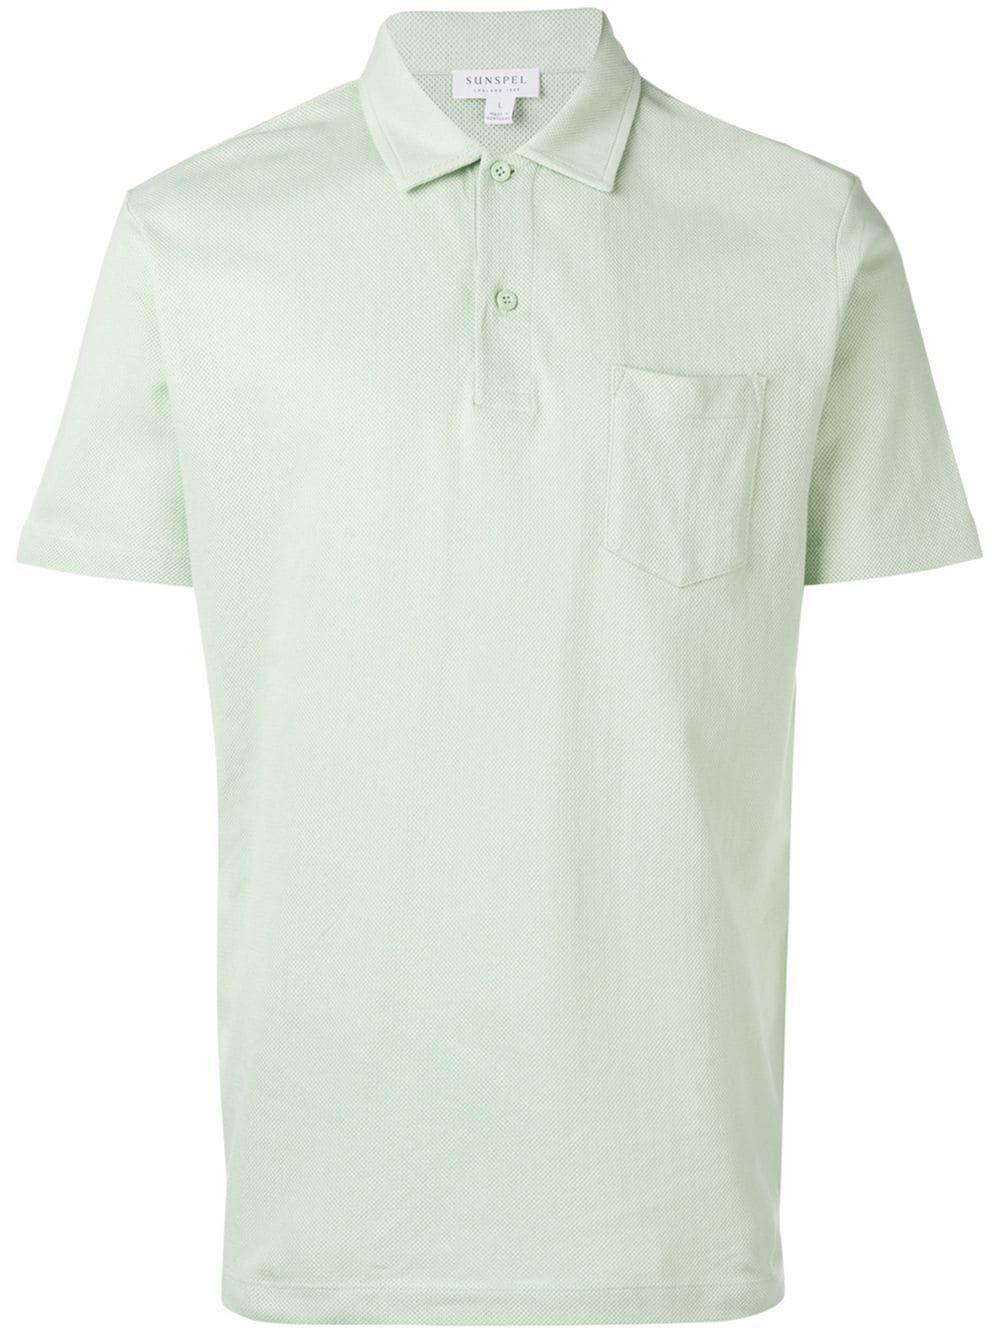 8c8894976 SUNSPEL SUNSPEL RIVIERA POLO SHIRT - GREEN.  sunspel  cloth